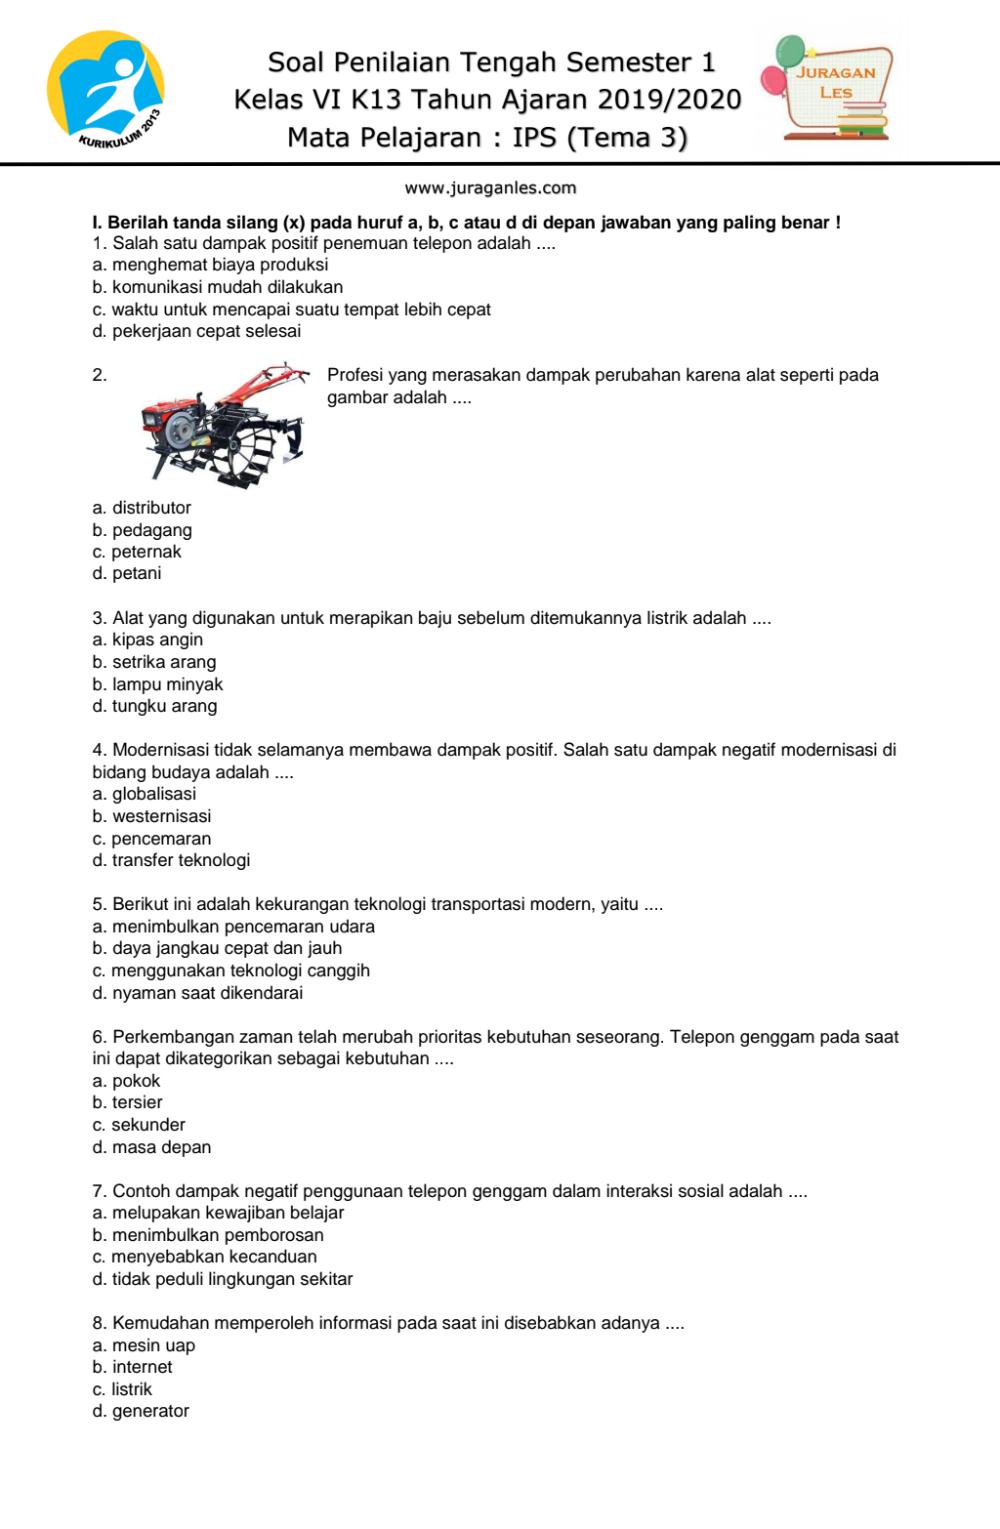 Soal Ips Kelas 6 Semester 1 Tema3 Pdf Google Drive Belajar Kepala Sekolah Kurikulum